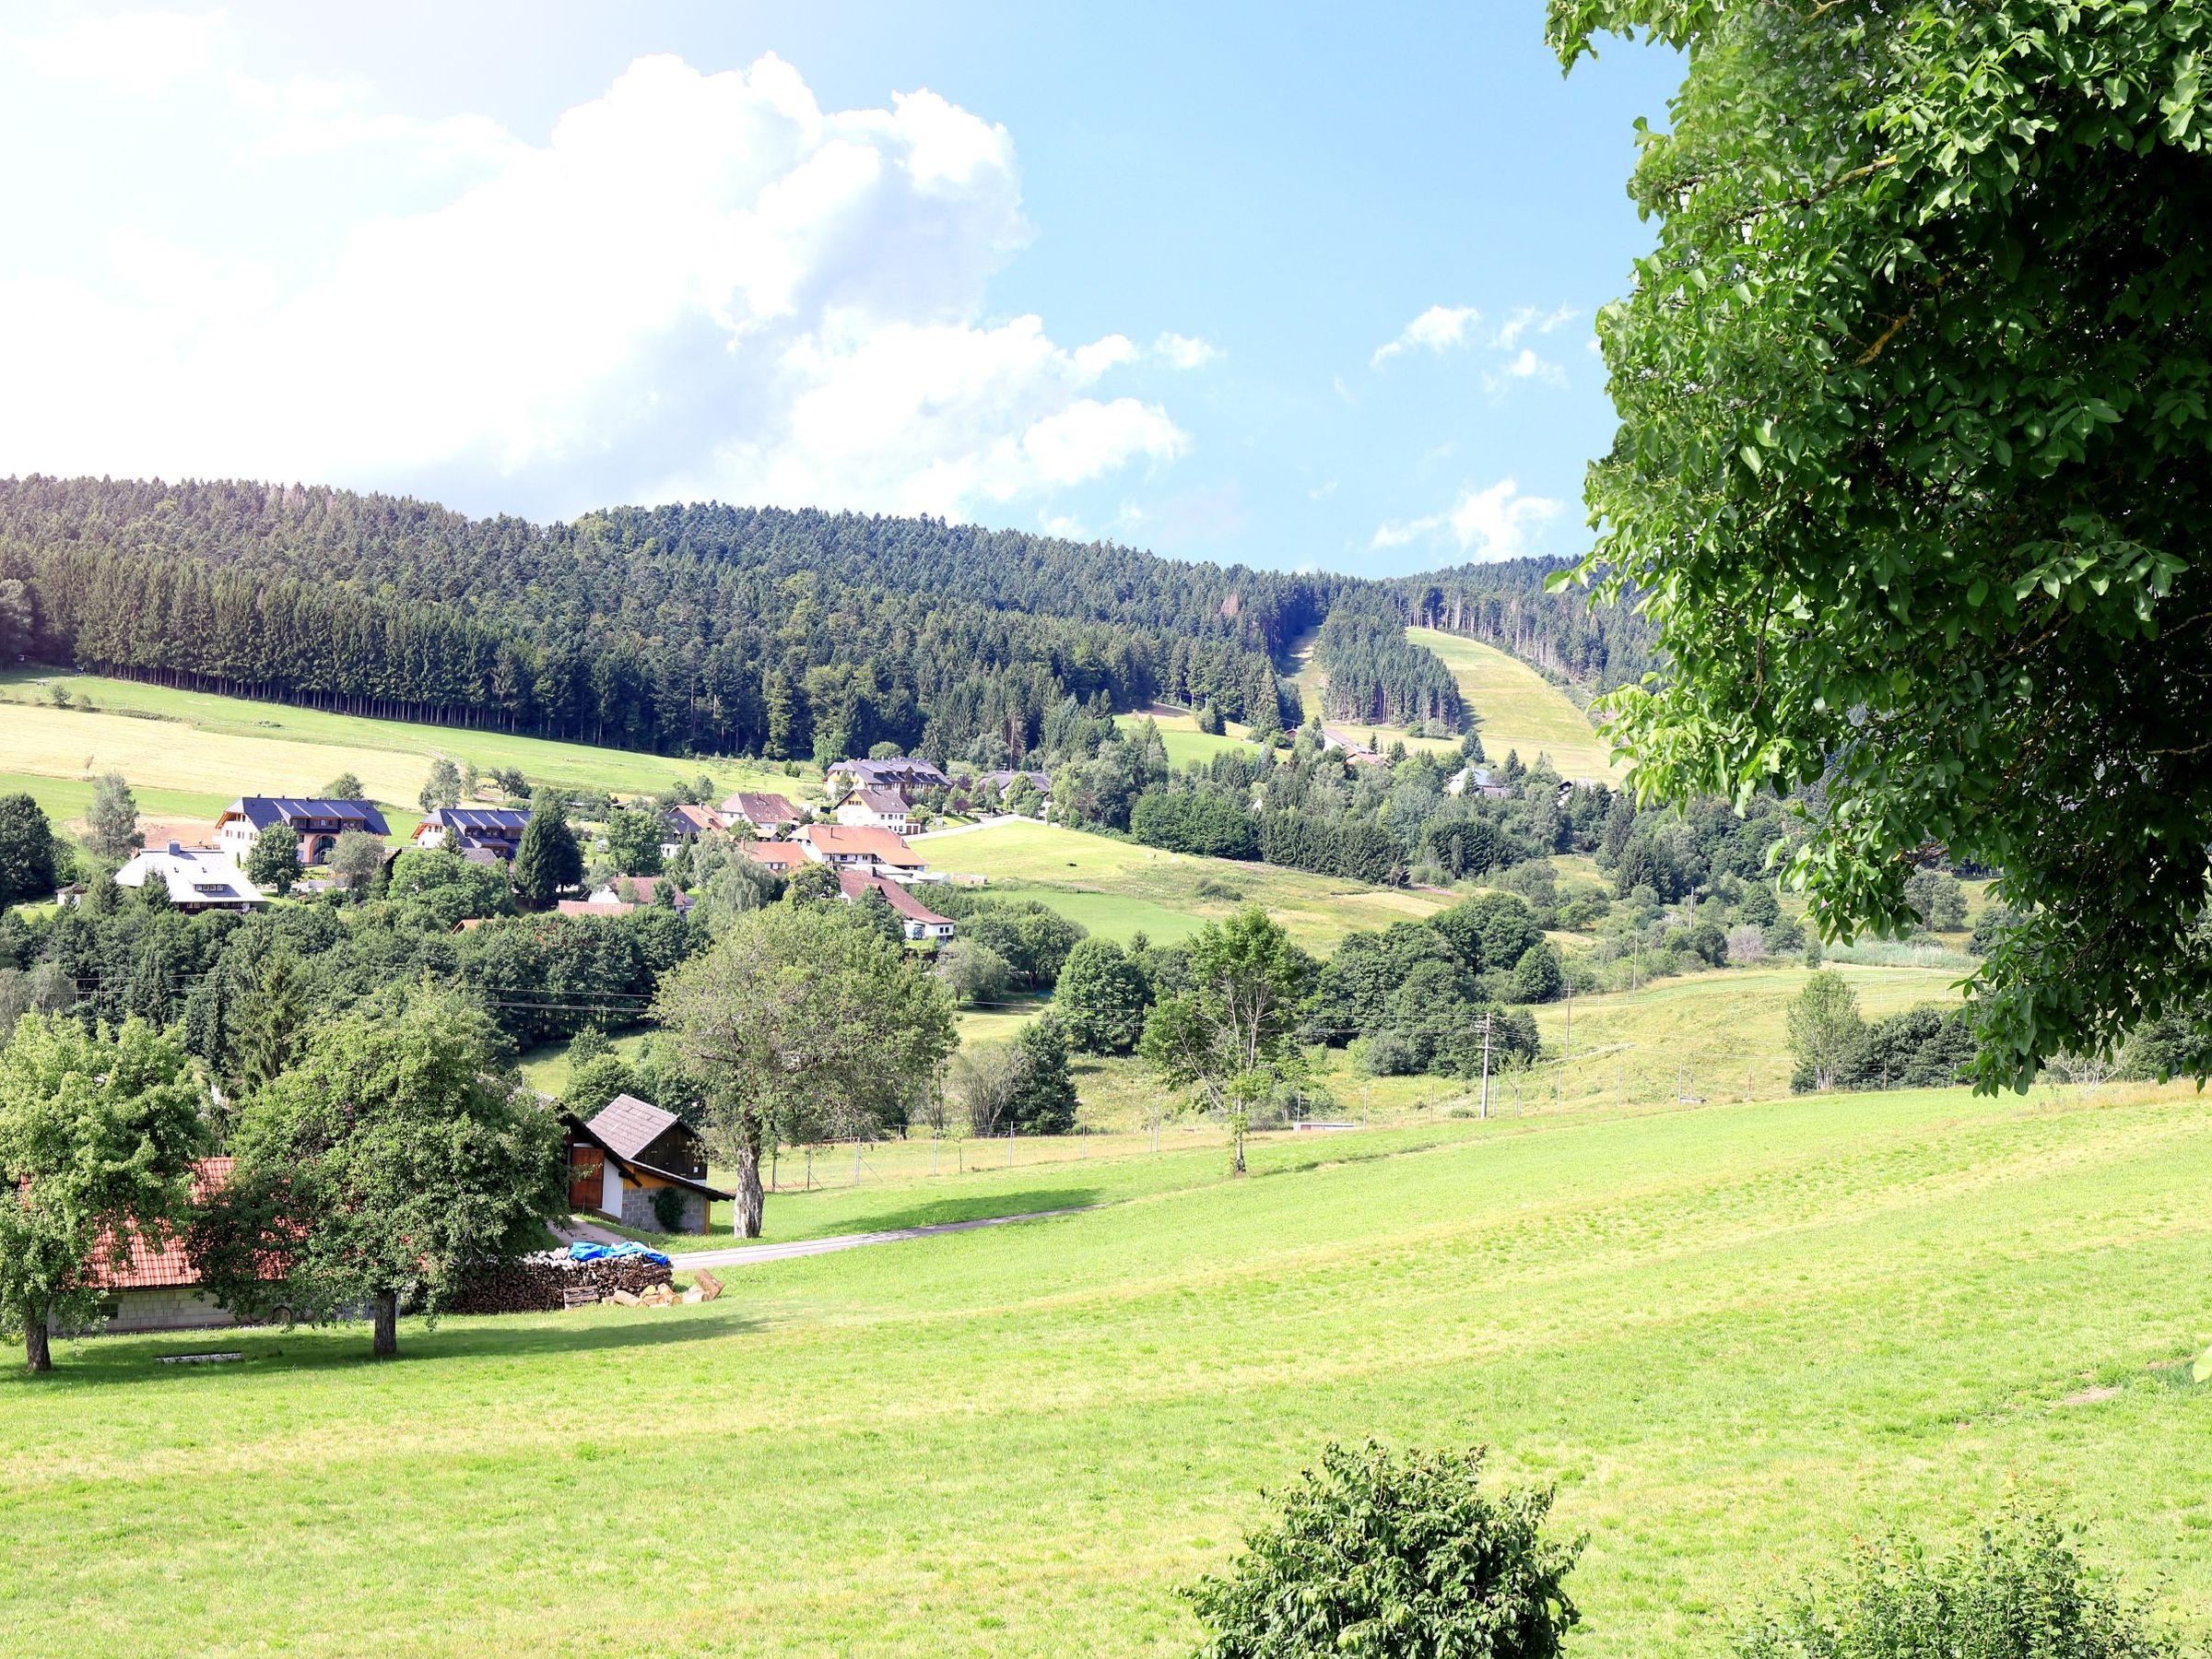 Ferienwohnung Haus Monika Ferienwohnungen, (Herrischried). Ferienwohnung Nr. 3, 62 qm, Balkon, 2 Schlafz (2299231), Herrischried, Schwarzwald, Baden-Württemberg, Deutschland, Bild 6